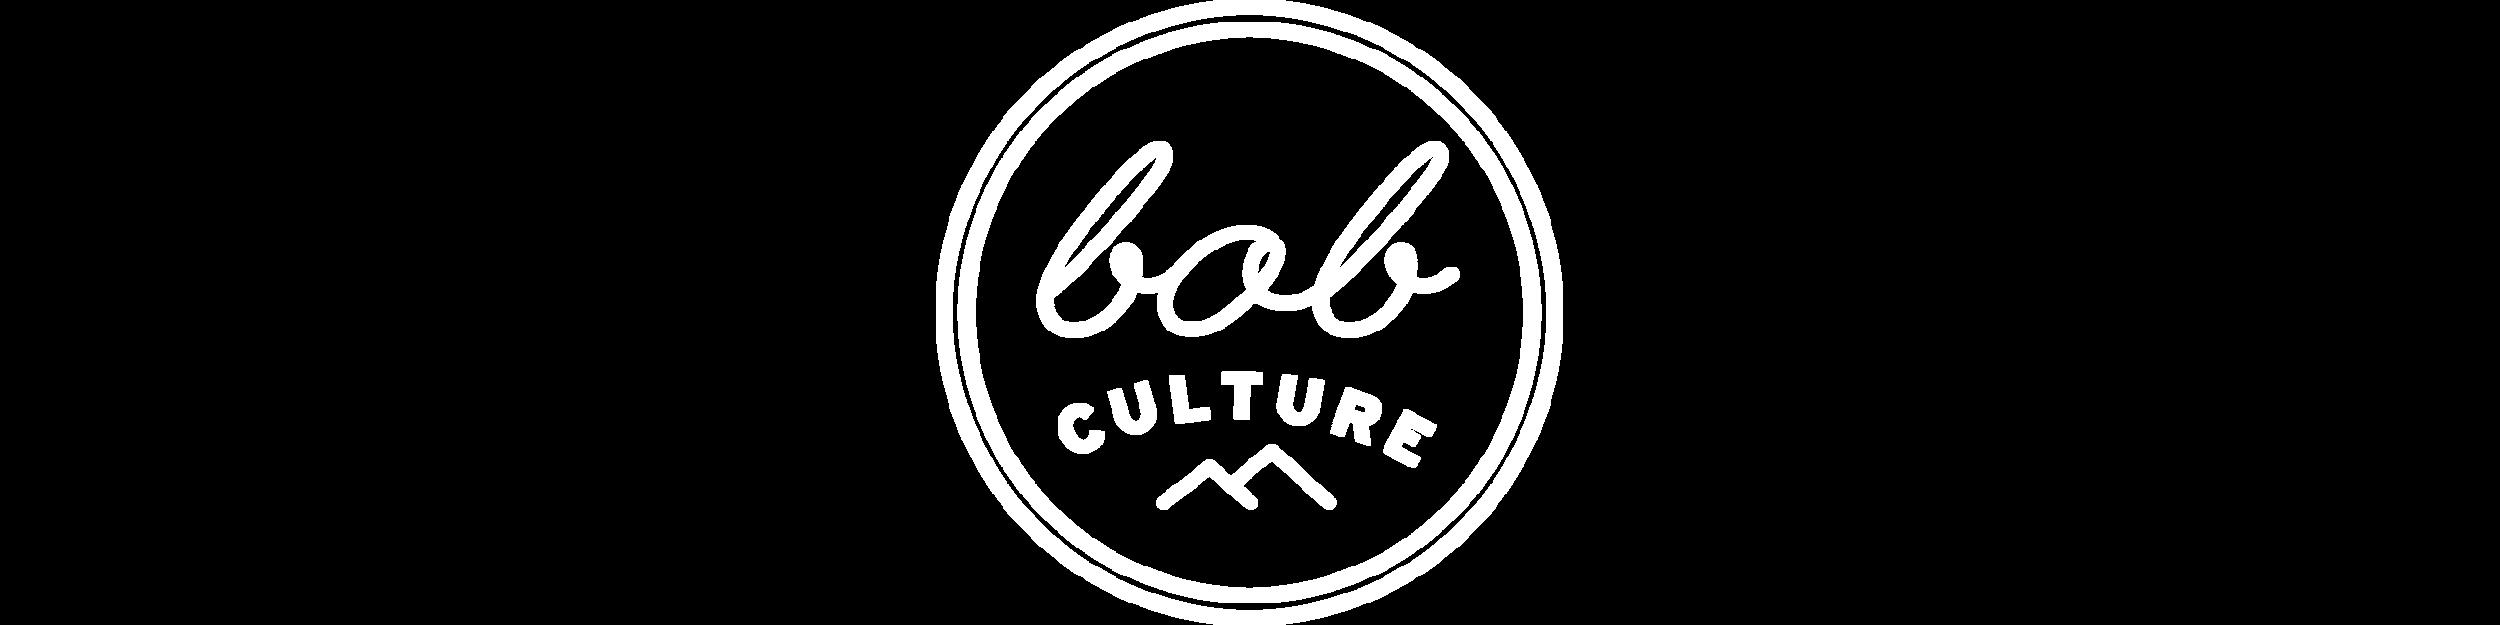 Bob Culture